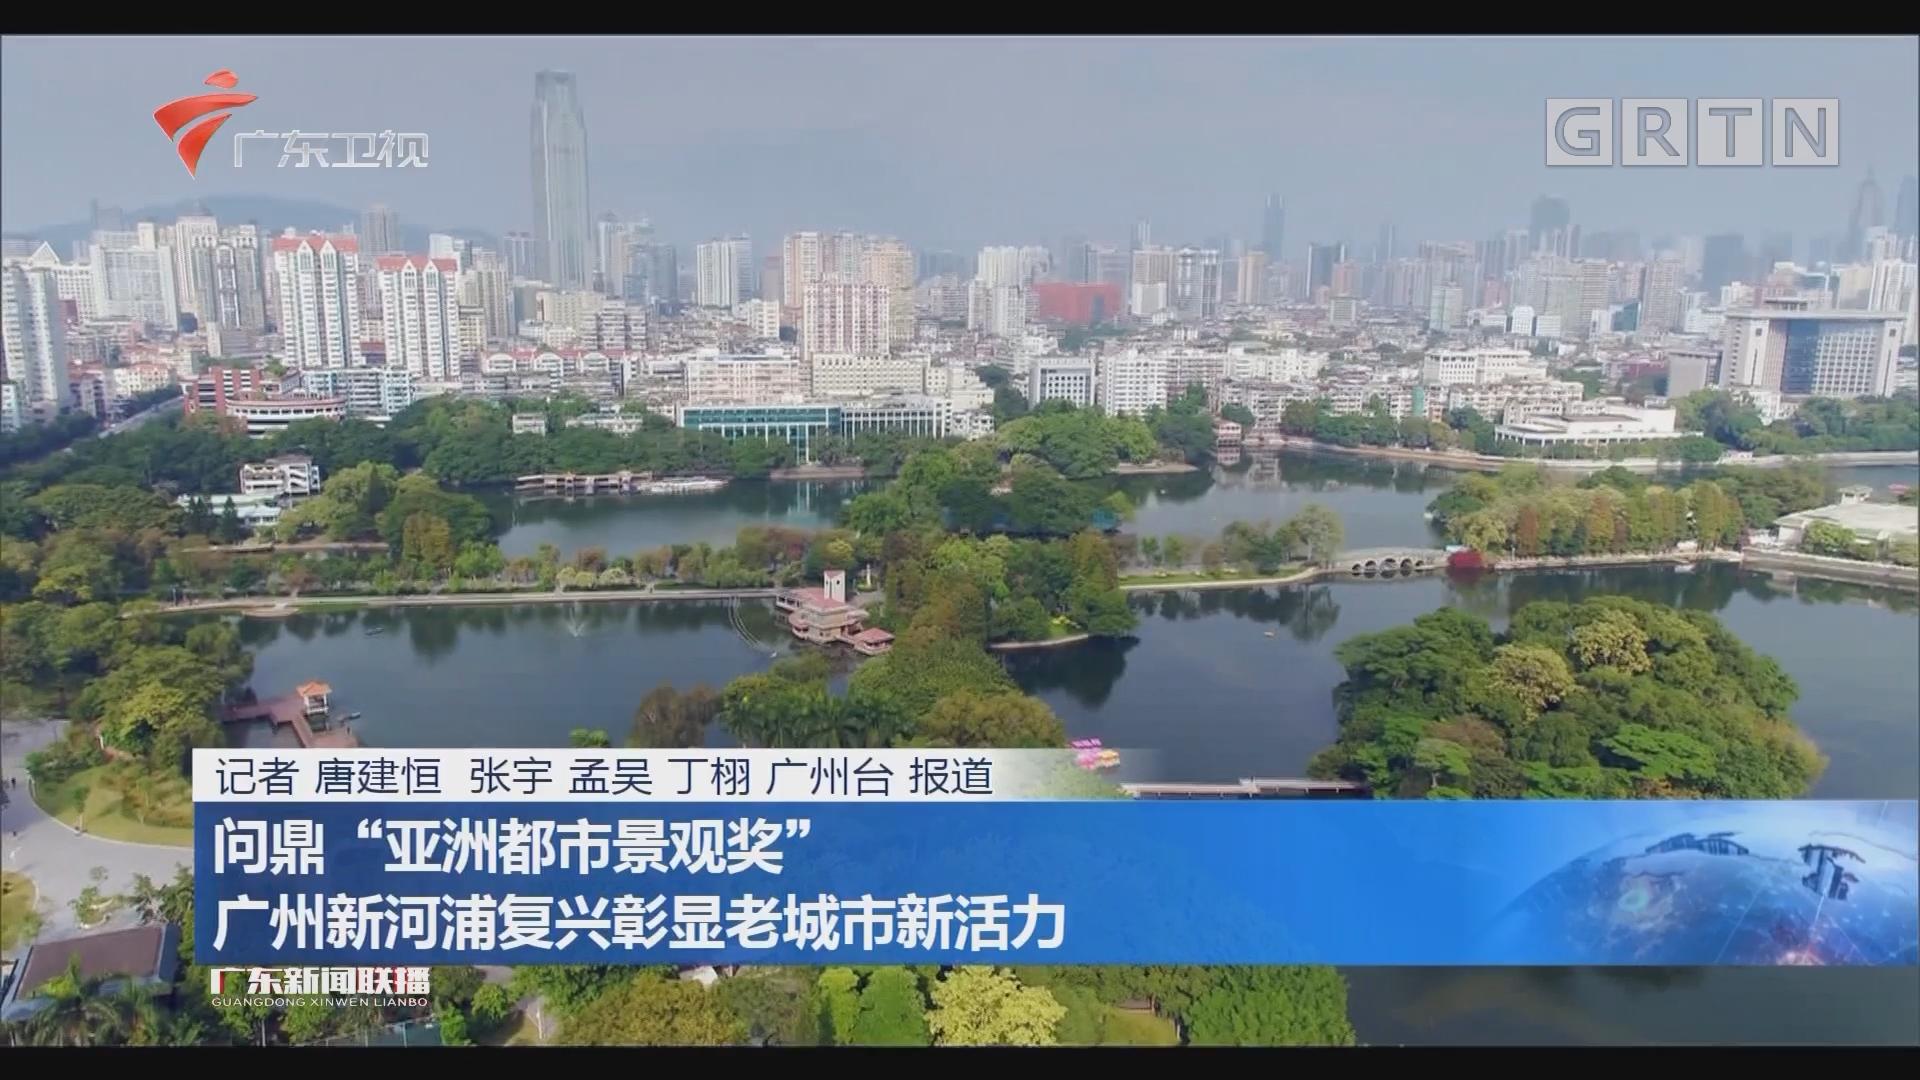 """问鼎""""亚洲都市景观奖"""" 广州新河浦复兴彰显老城市新活力"""